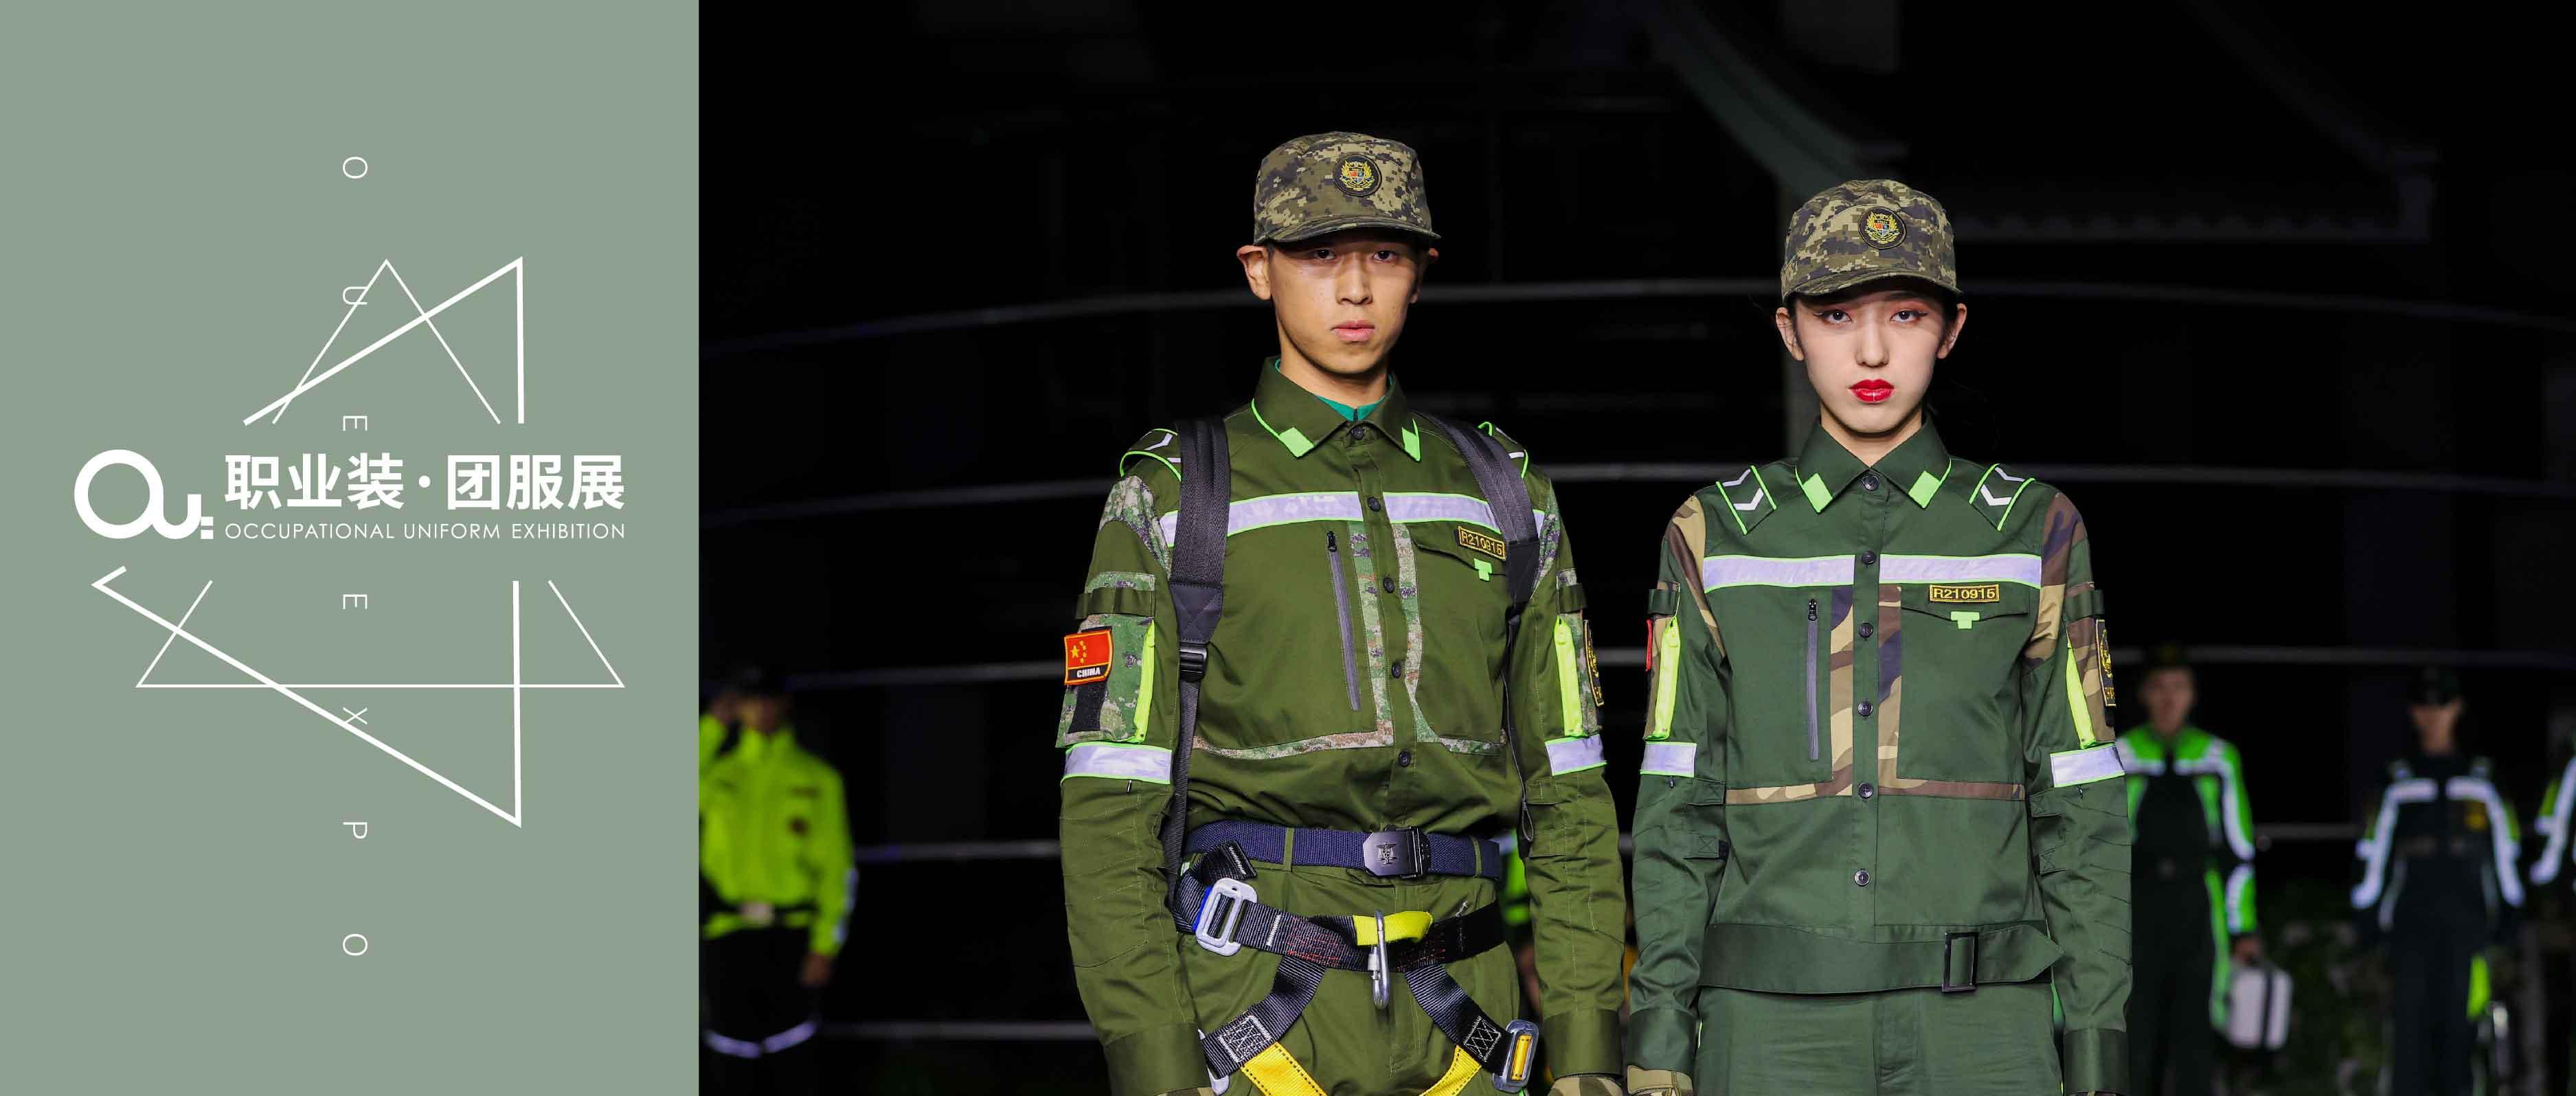 2021北京时装周 金顶奖设计师刘薇带来科技时尚职业装,致敬城市守护者